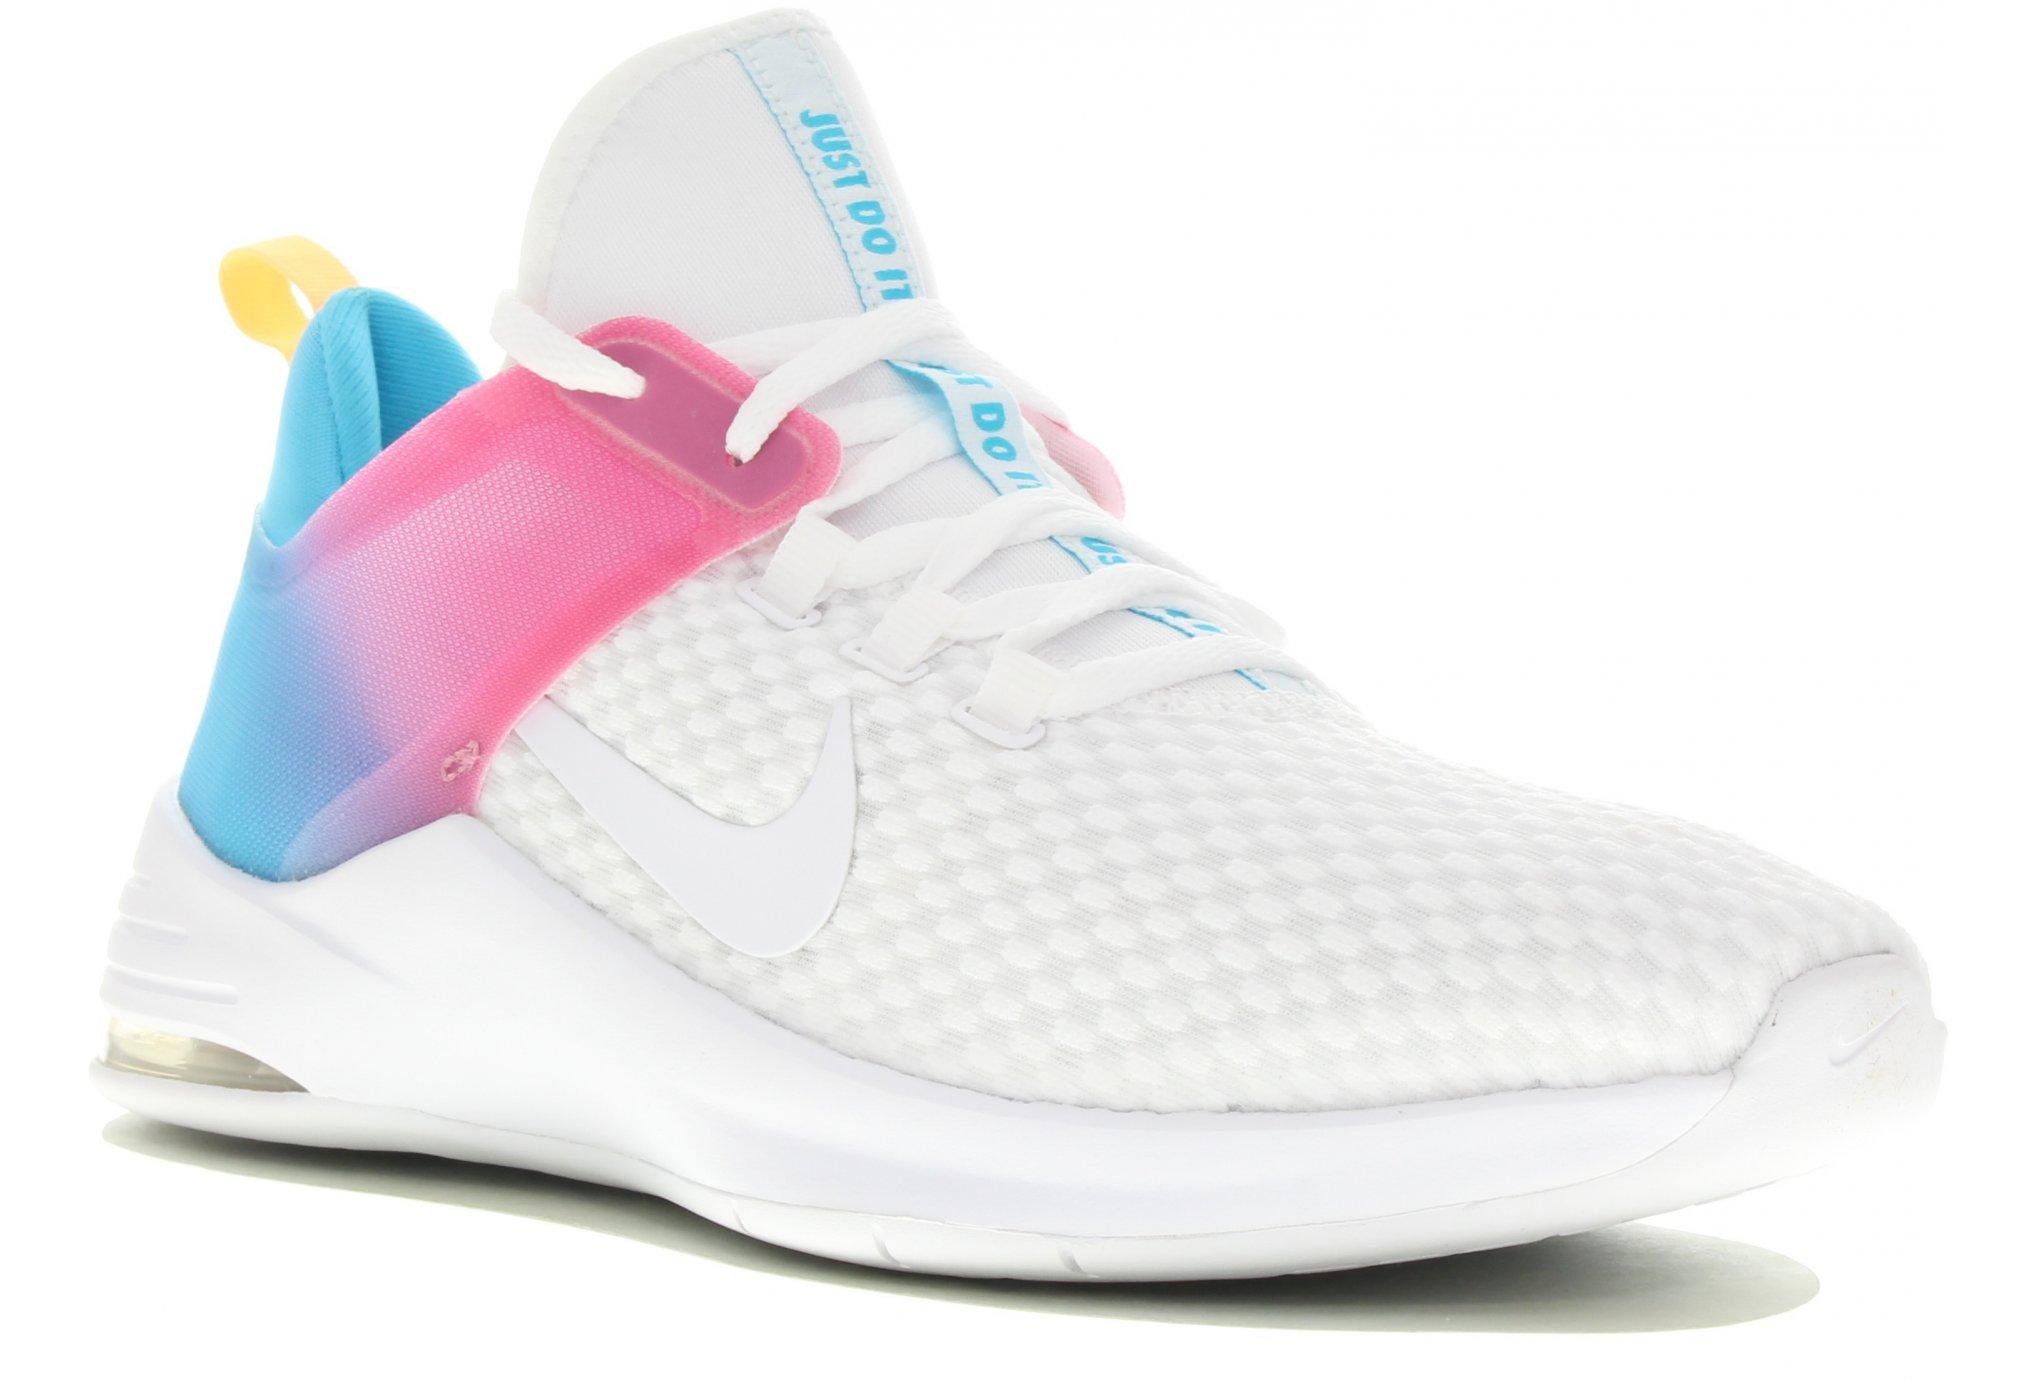 Shop Nike A De CherPromos 8À 80Spot Pas fY7byvmI6g